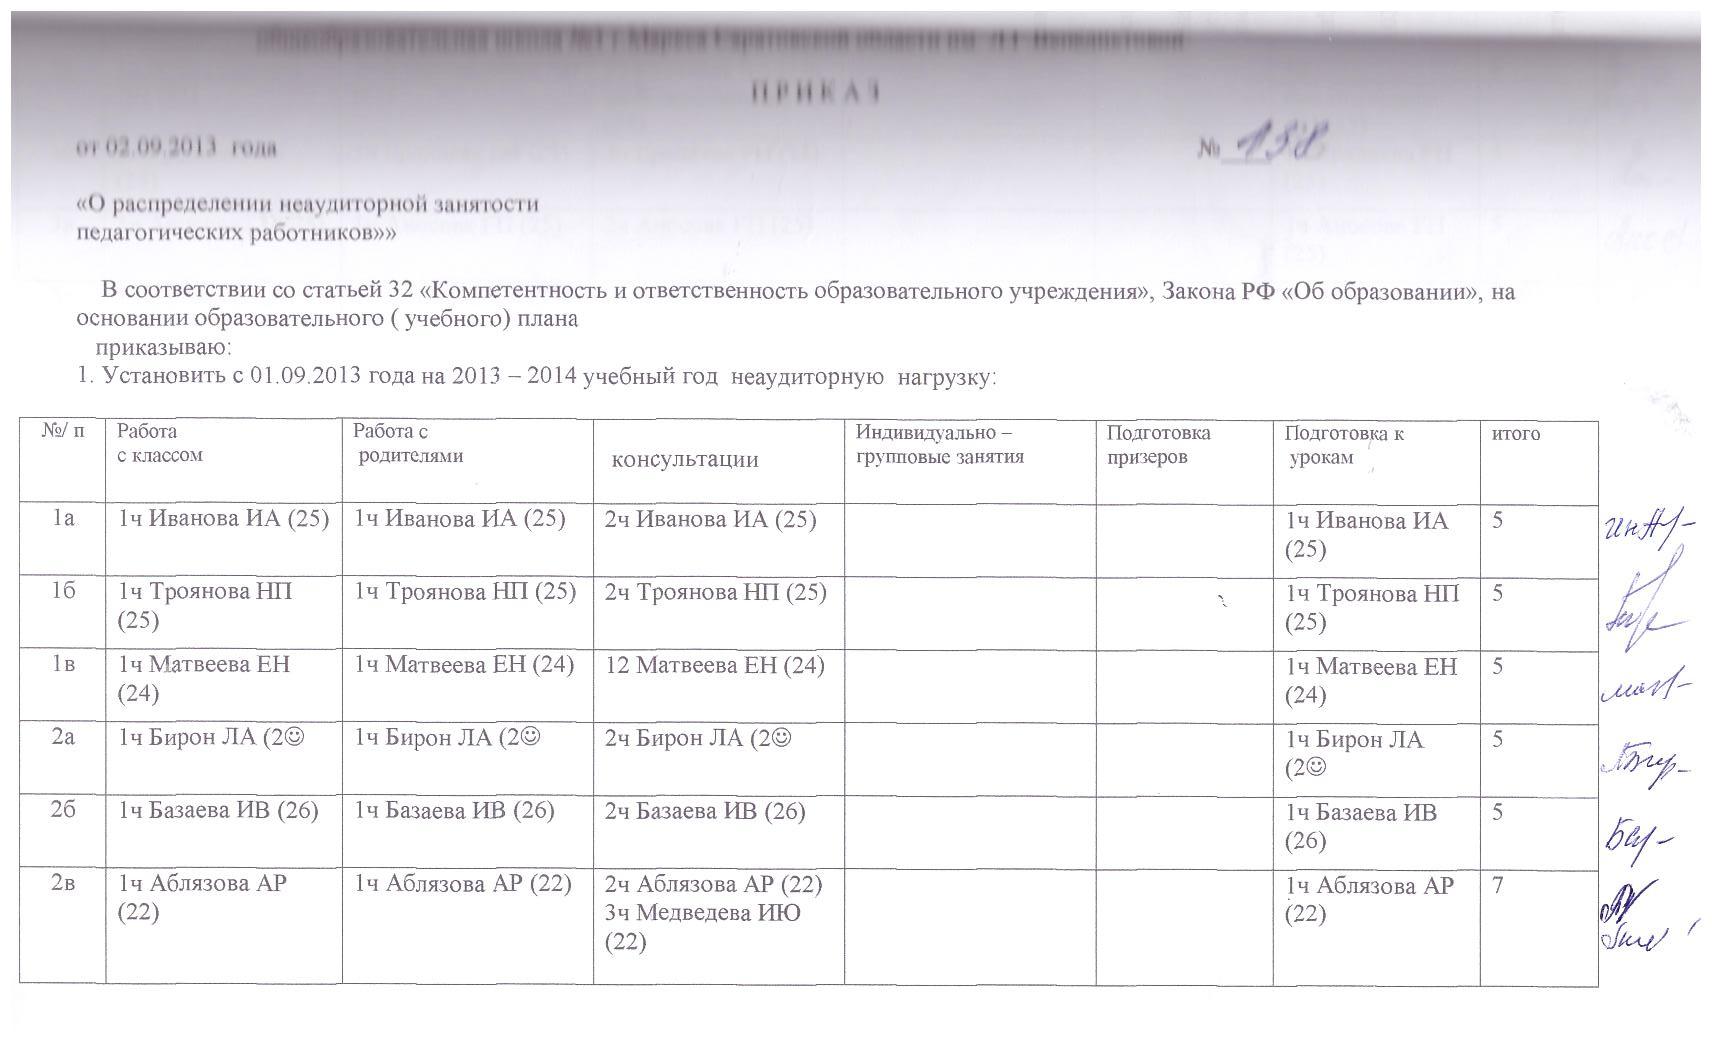 G:\Портфолио Терентьев\Сертификаты\Справки\сканер портф Терентьев\2015 год 002.jpg